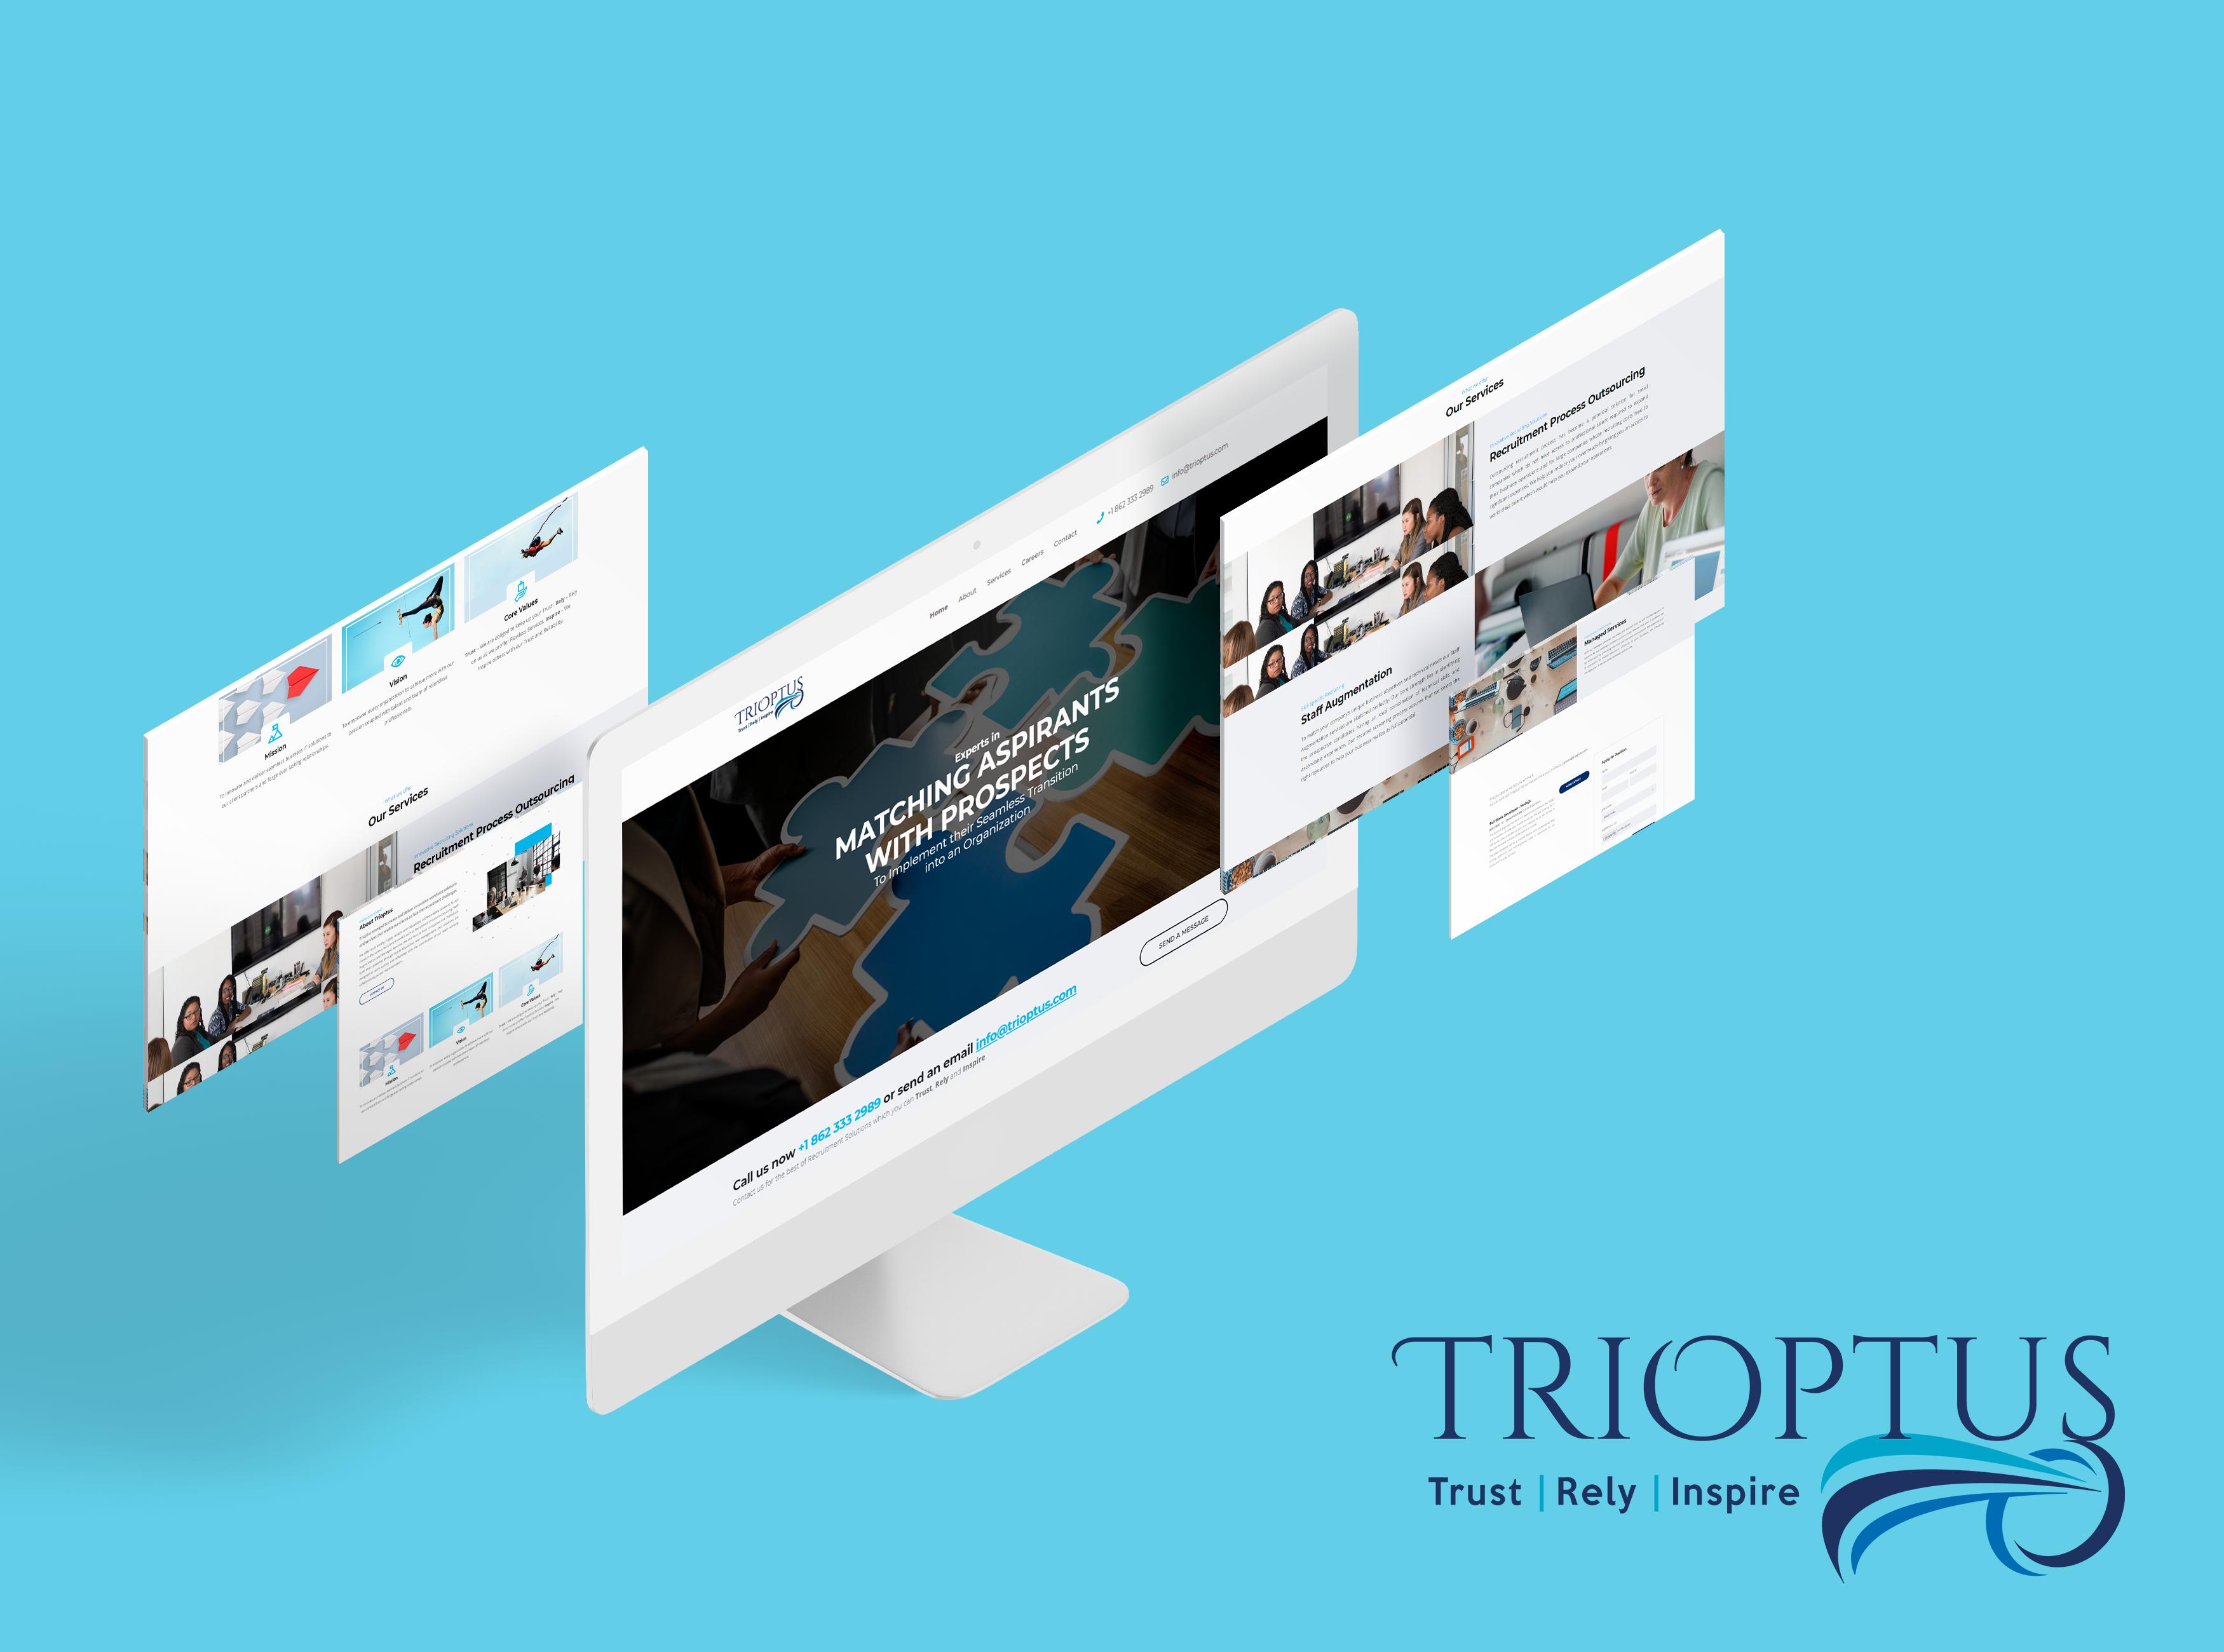 Our New Website Design For Trioptus Client Webdesign Design Website Blog Websitedesign D Professional Website Design Website Design Company Web Design